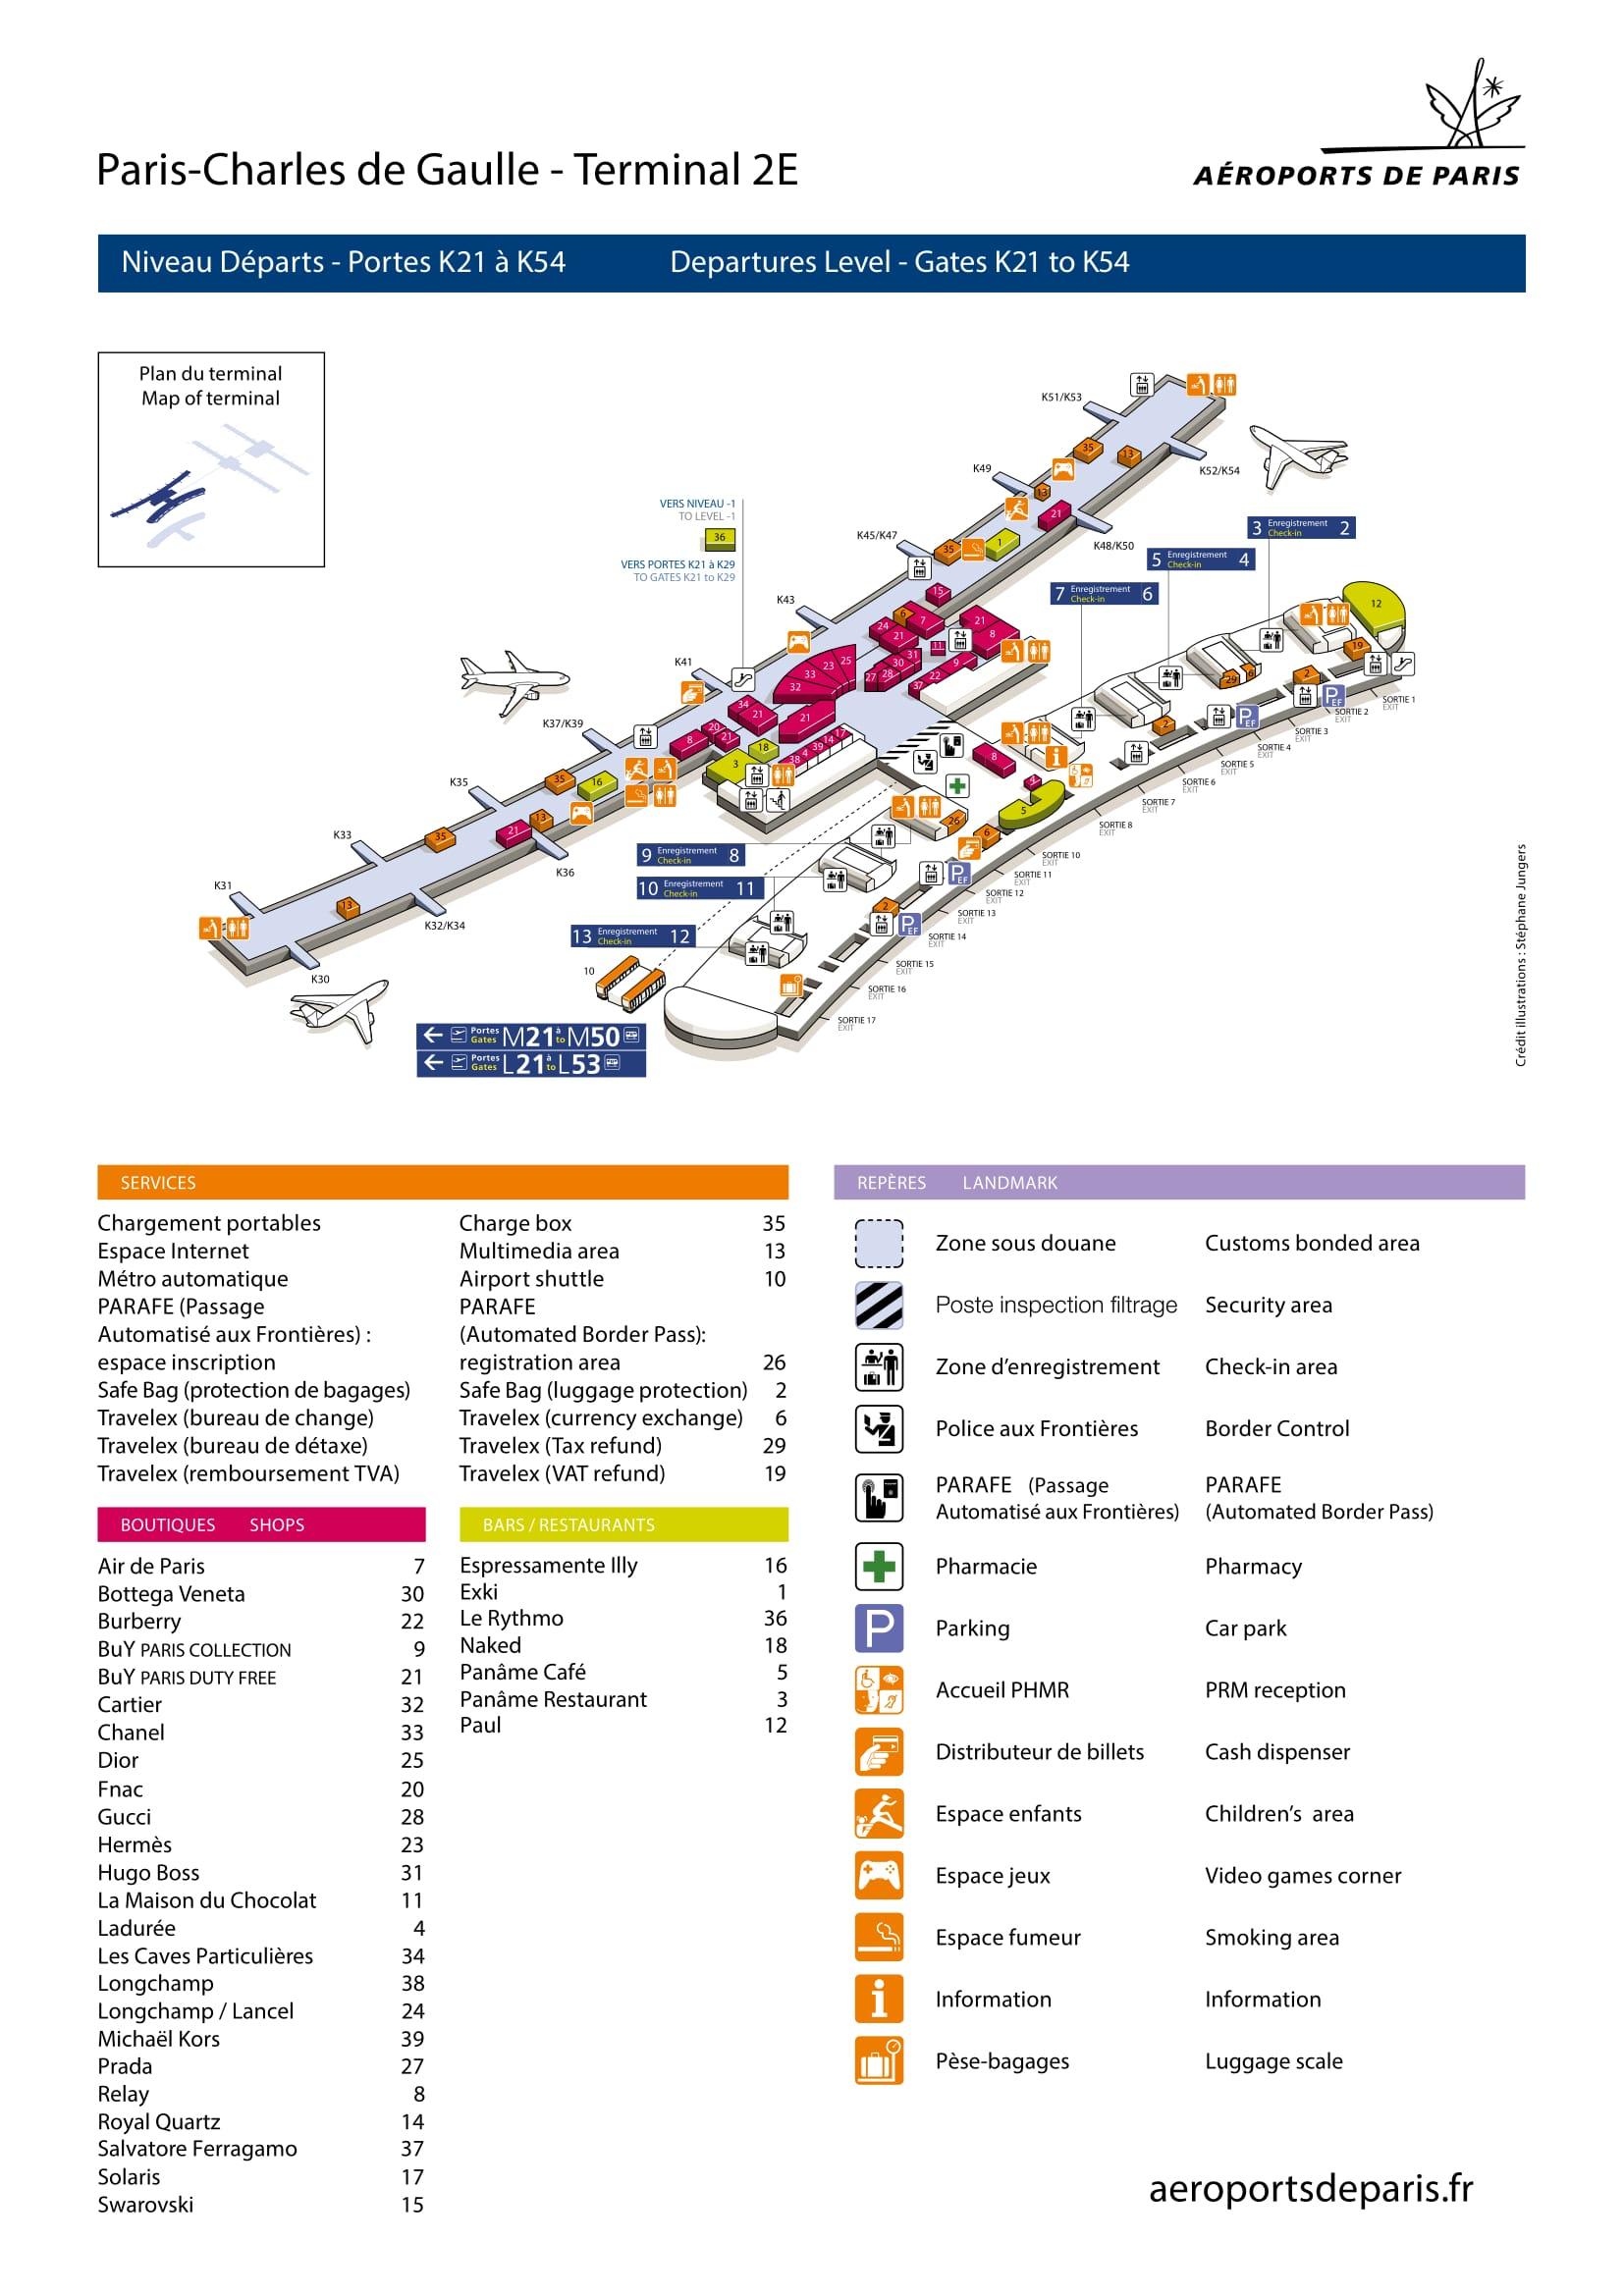 Mapa de la Terminal 2E1 del aeropuerto de Paris Charles de Gaulle